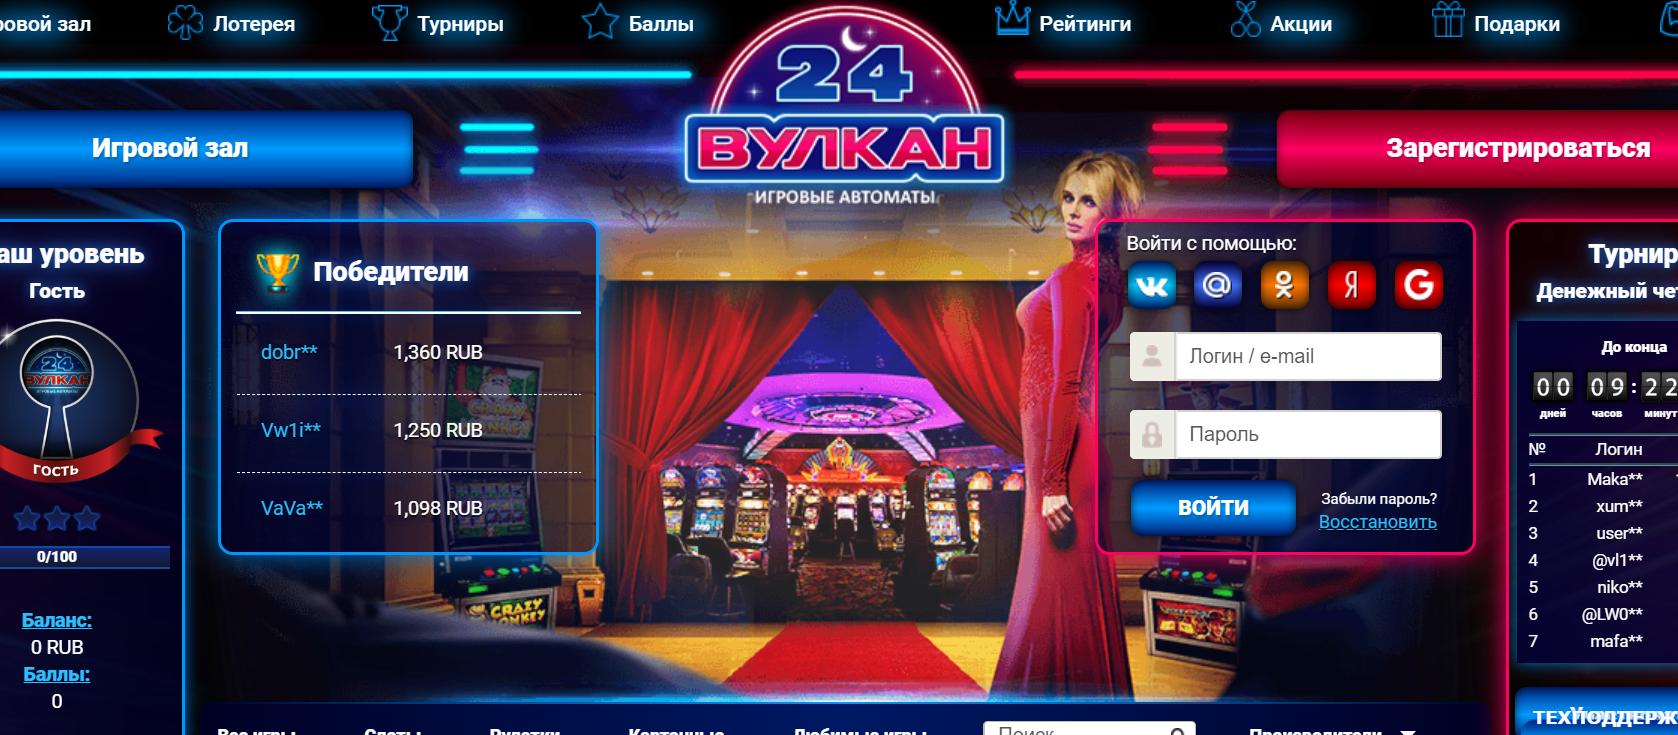 Правильный выбор – это автомат с бонусами в казино Вулкан 24